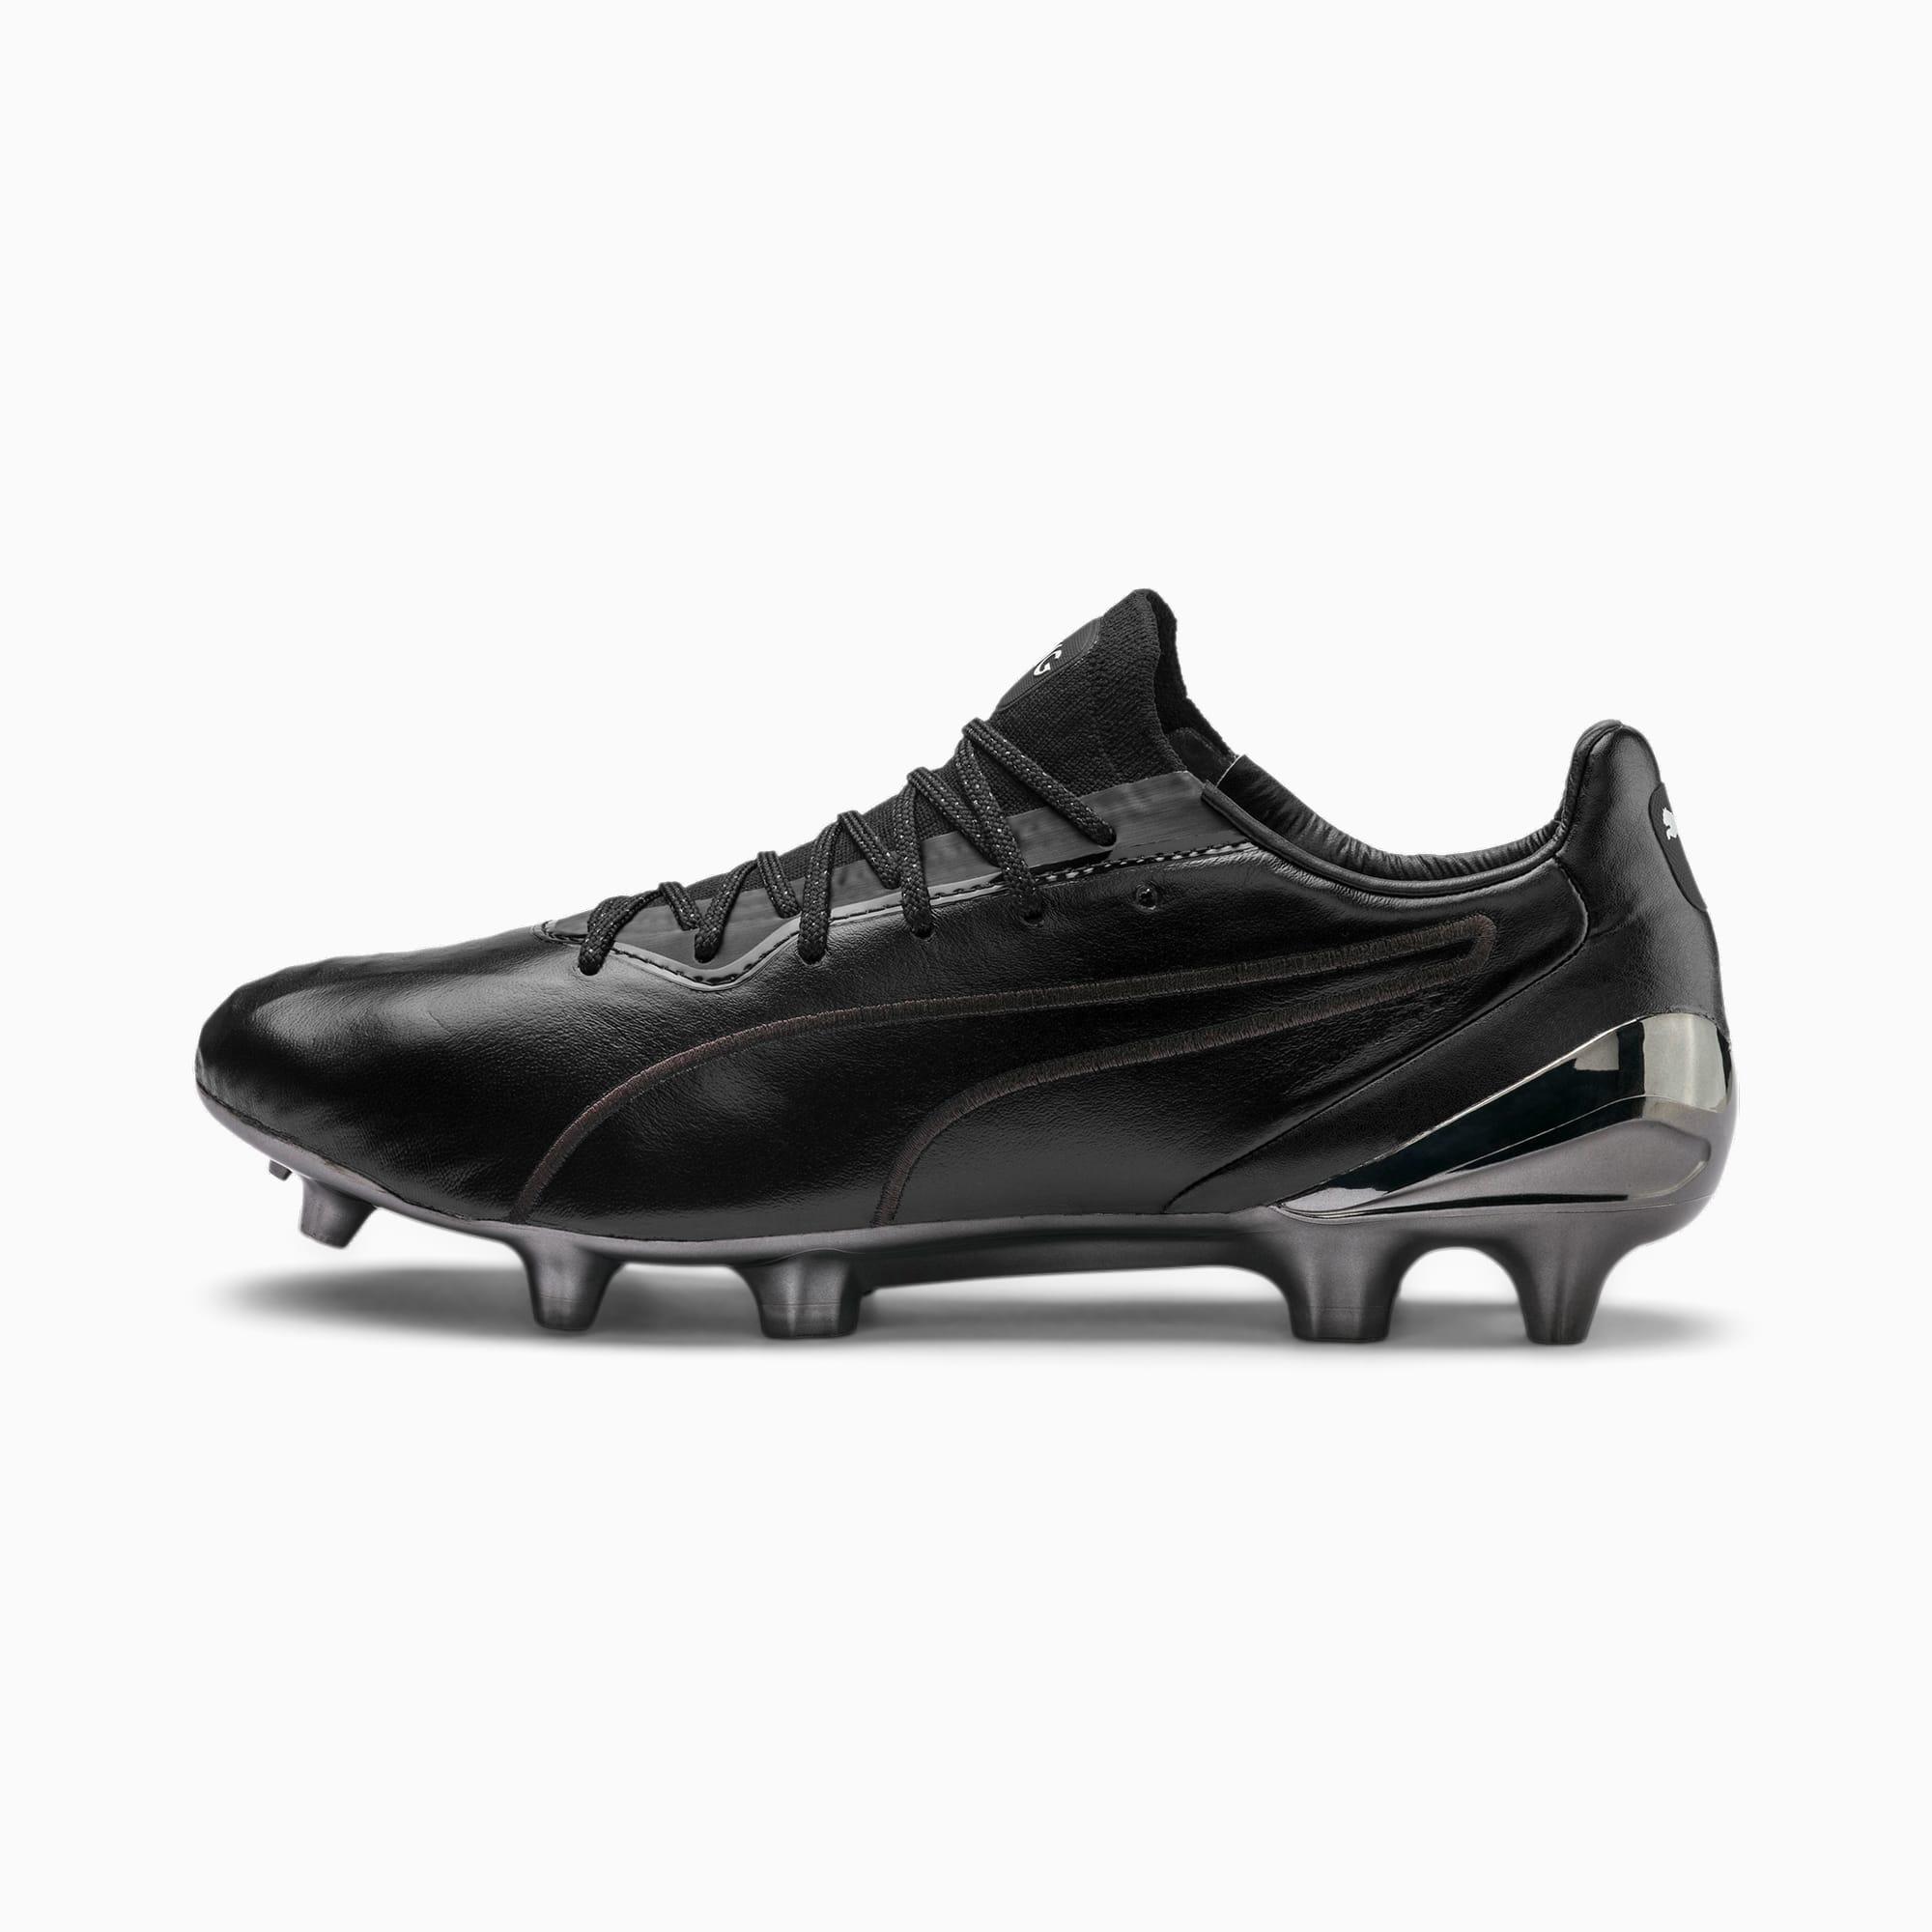 scarpe calcio uomo puma king